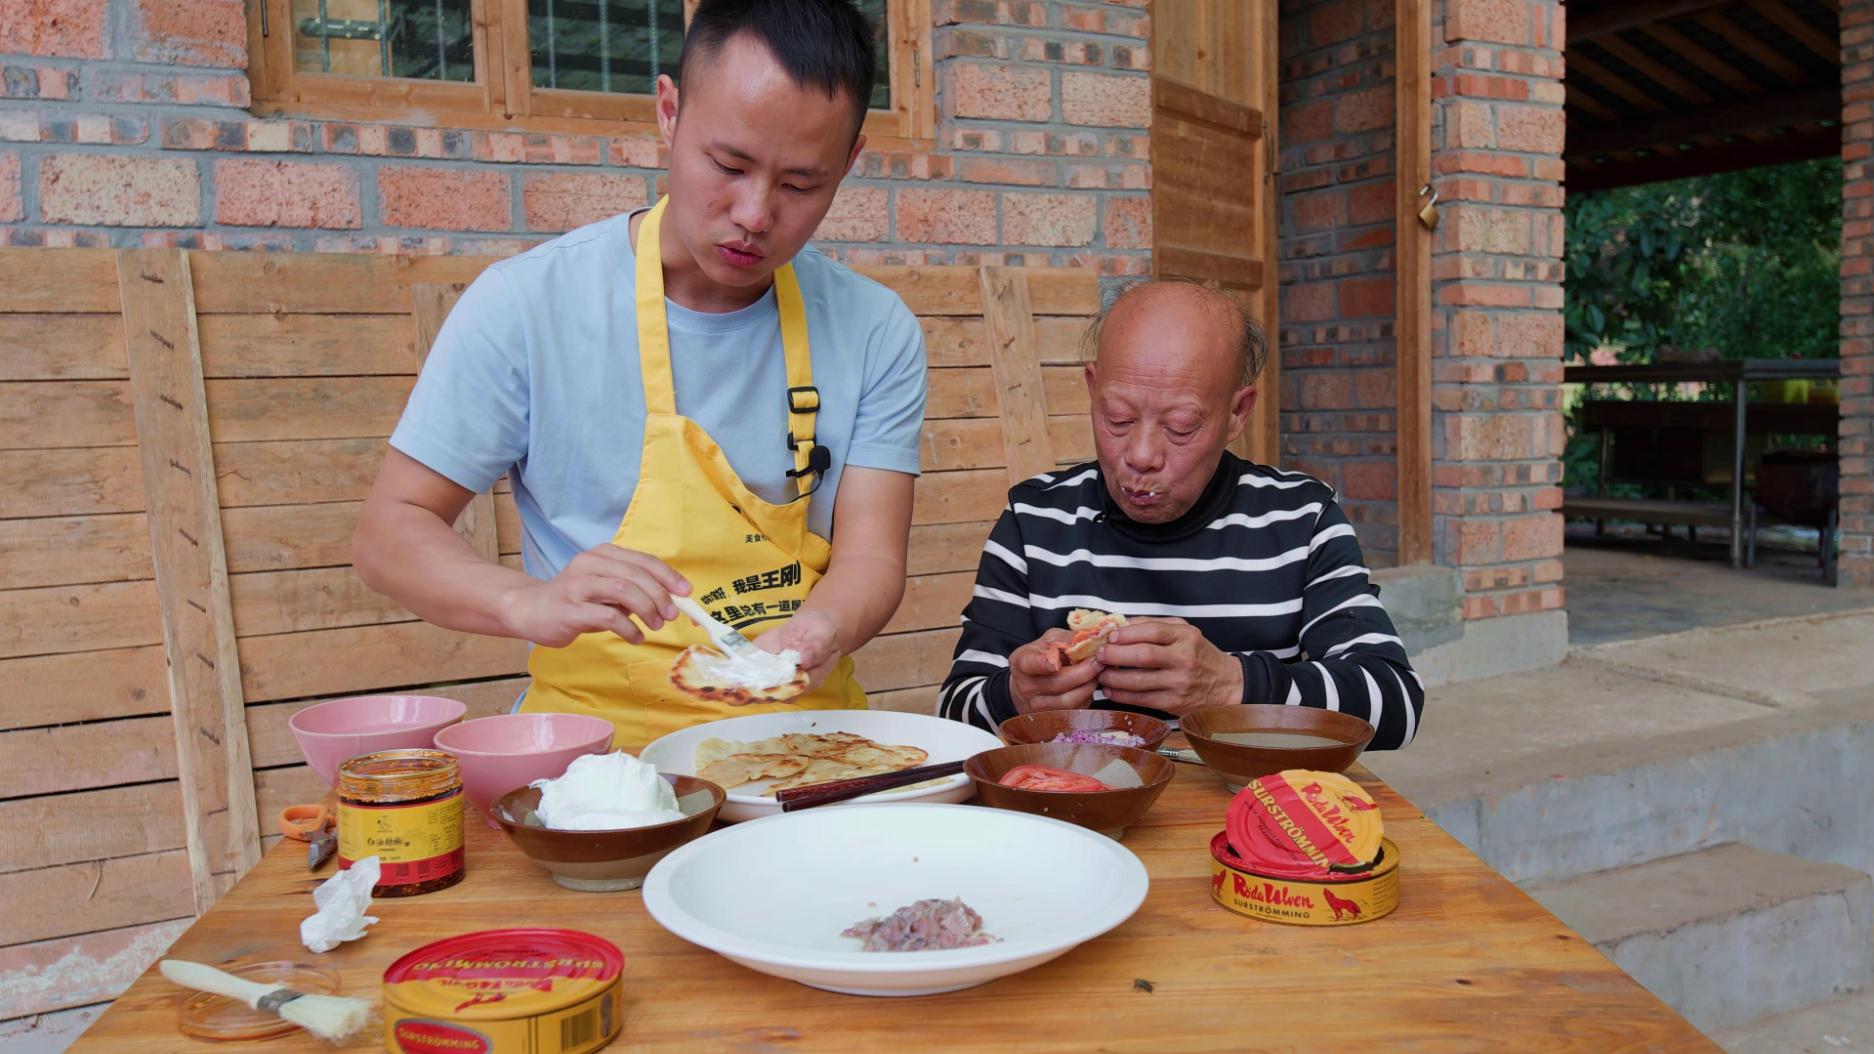 厨师长挑战鲱鱼罐头,试吃瑞典做法究竟味道如何